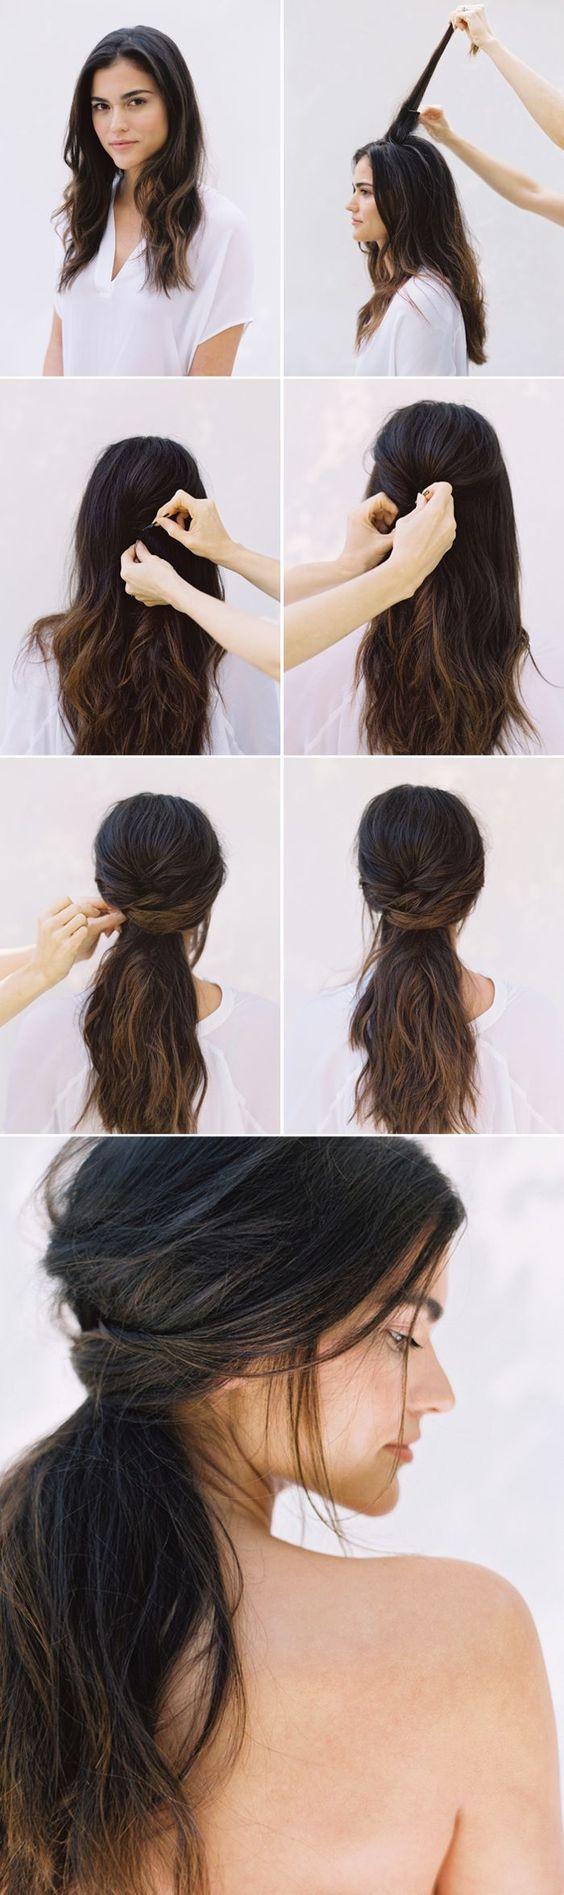 Diy Half Up Half Down Wedding Hair Coiffure Facile Coiffure Boheme Tutoriels Coiffure